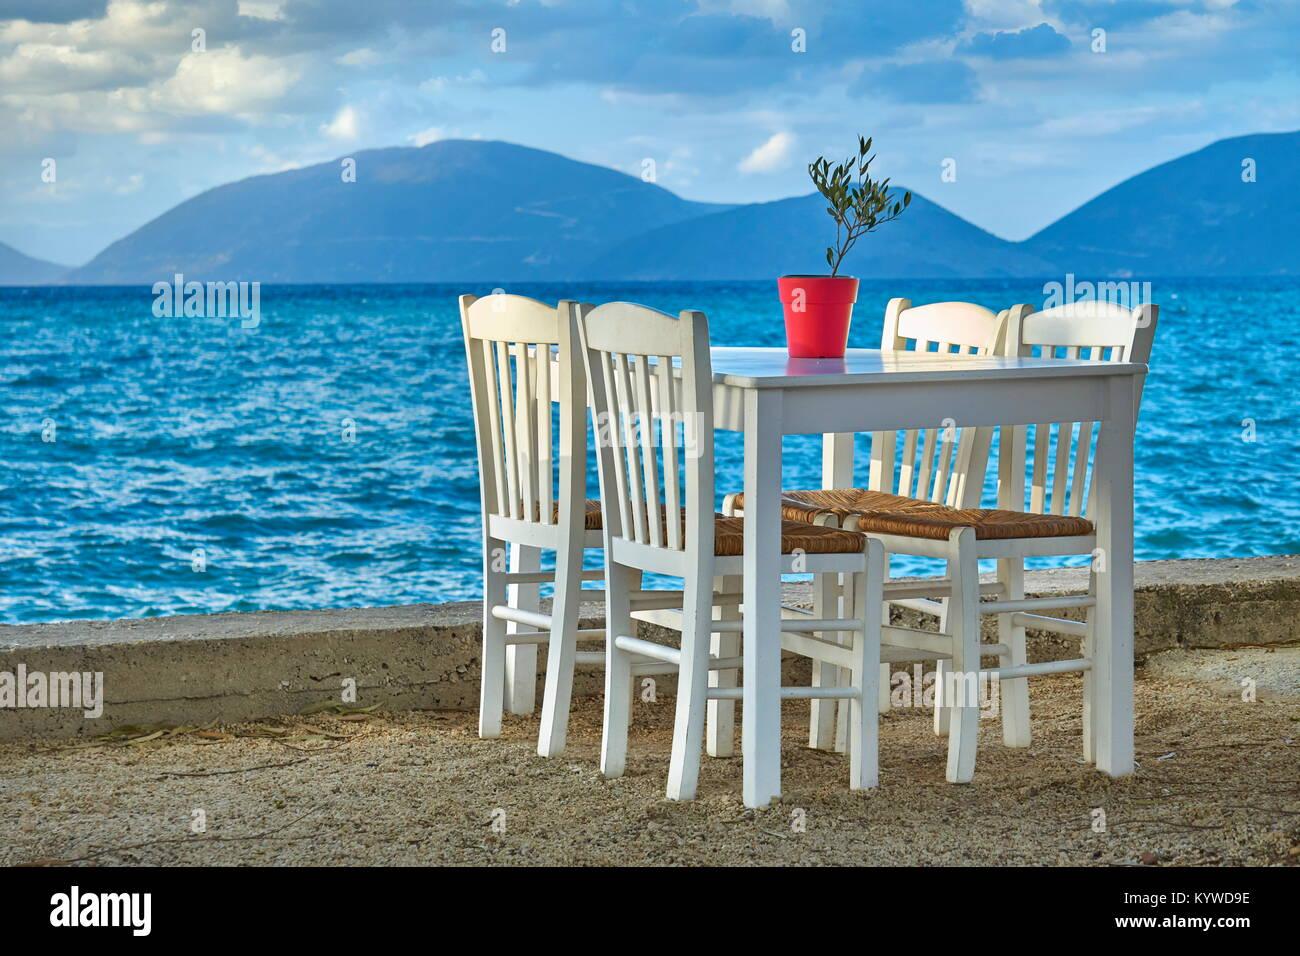 Tavolo con sedie in una tradizionale taverna Greca, Sami, l'isola di Cefalonia, Grecia Immagini Stock